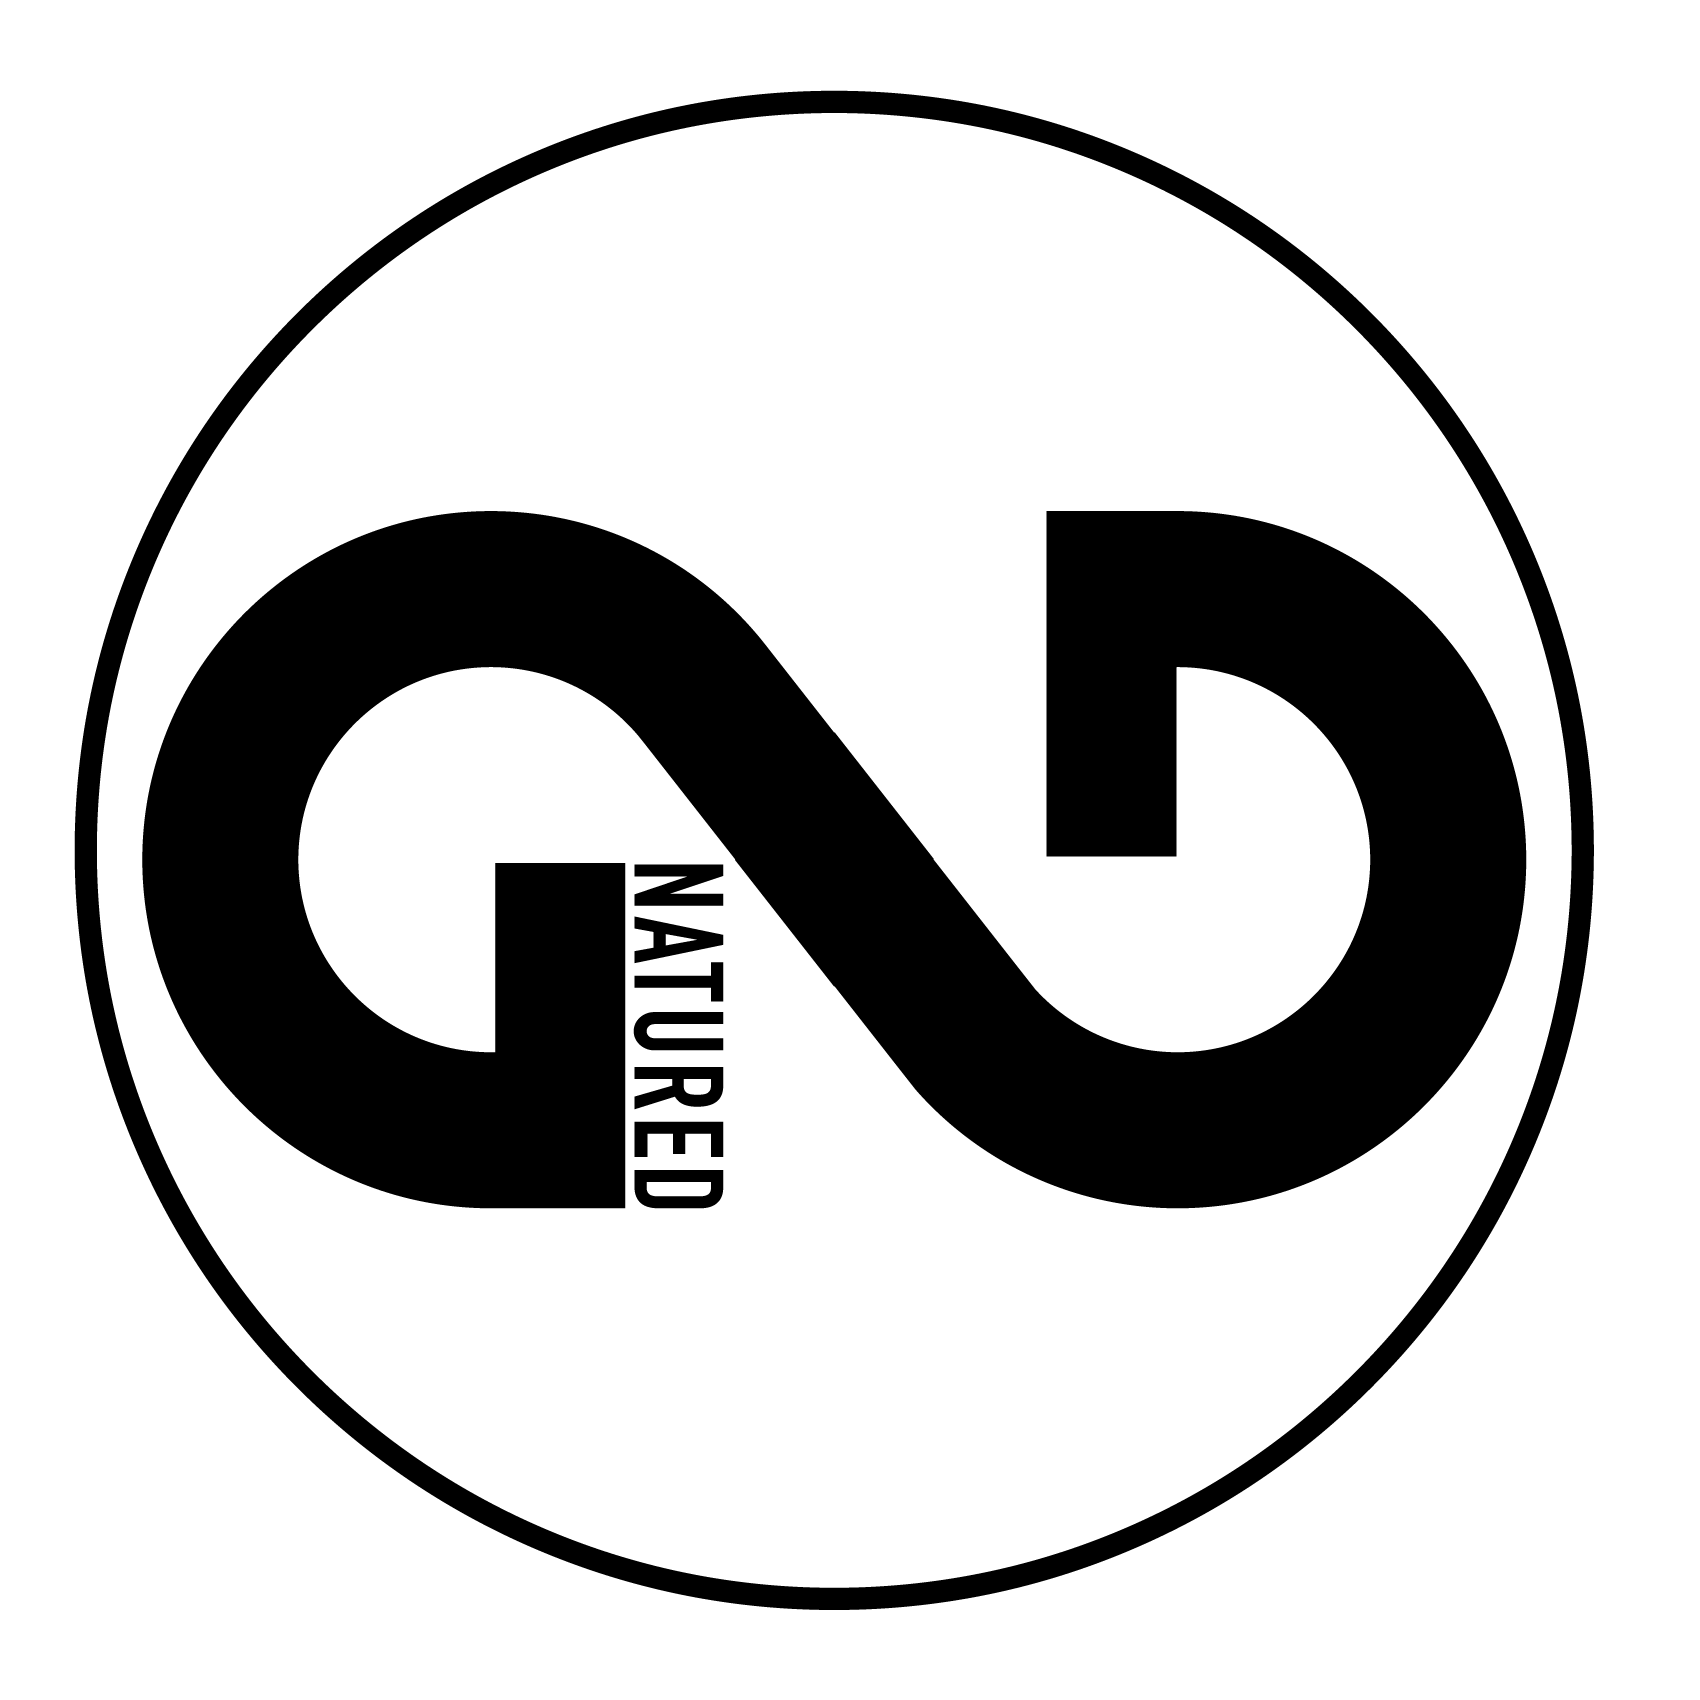 Logomitahmen